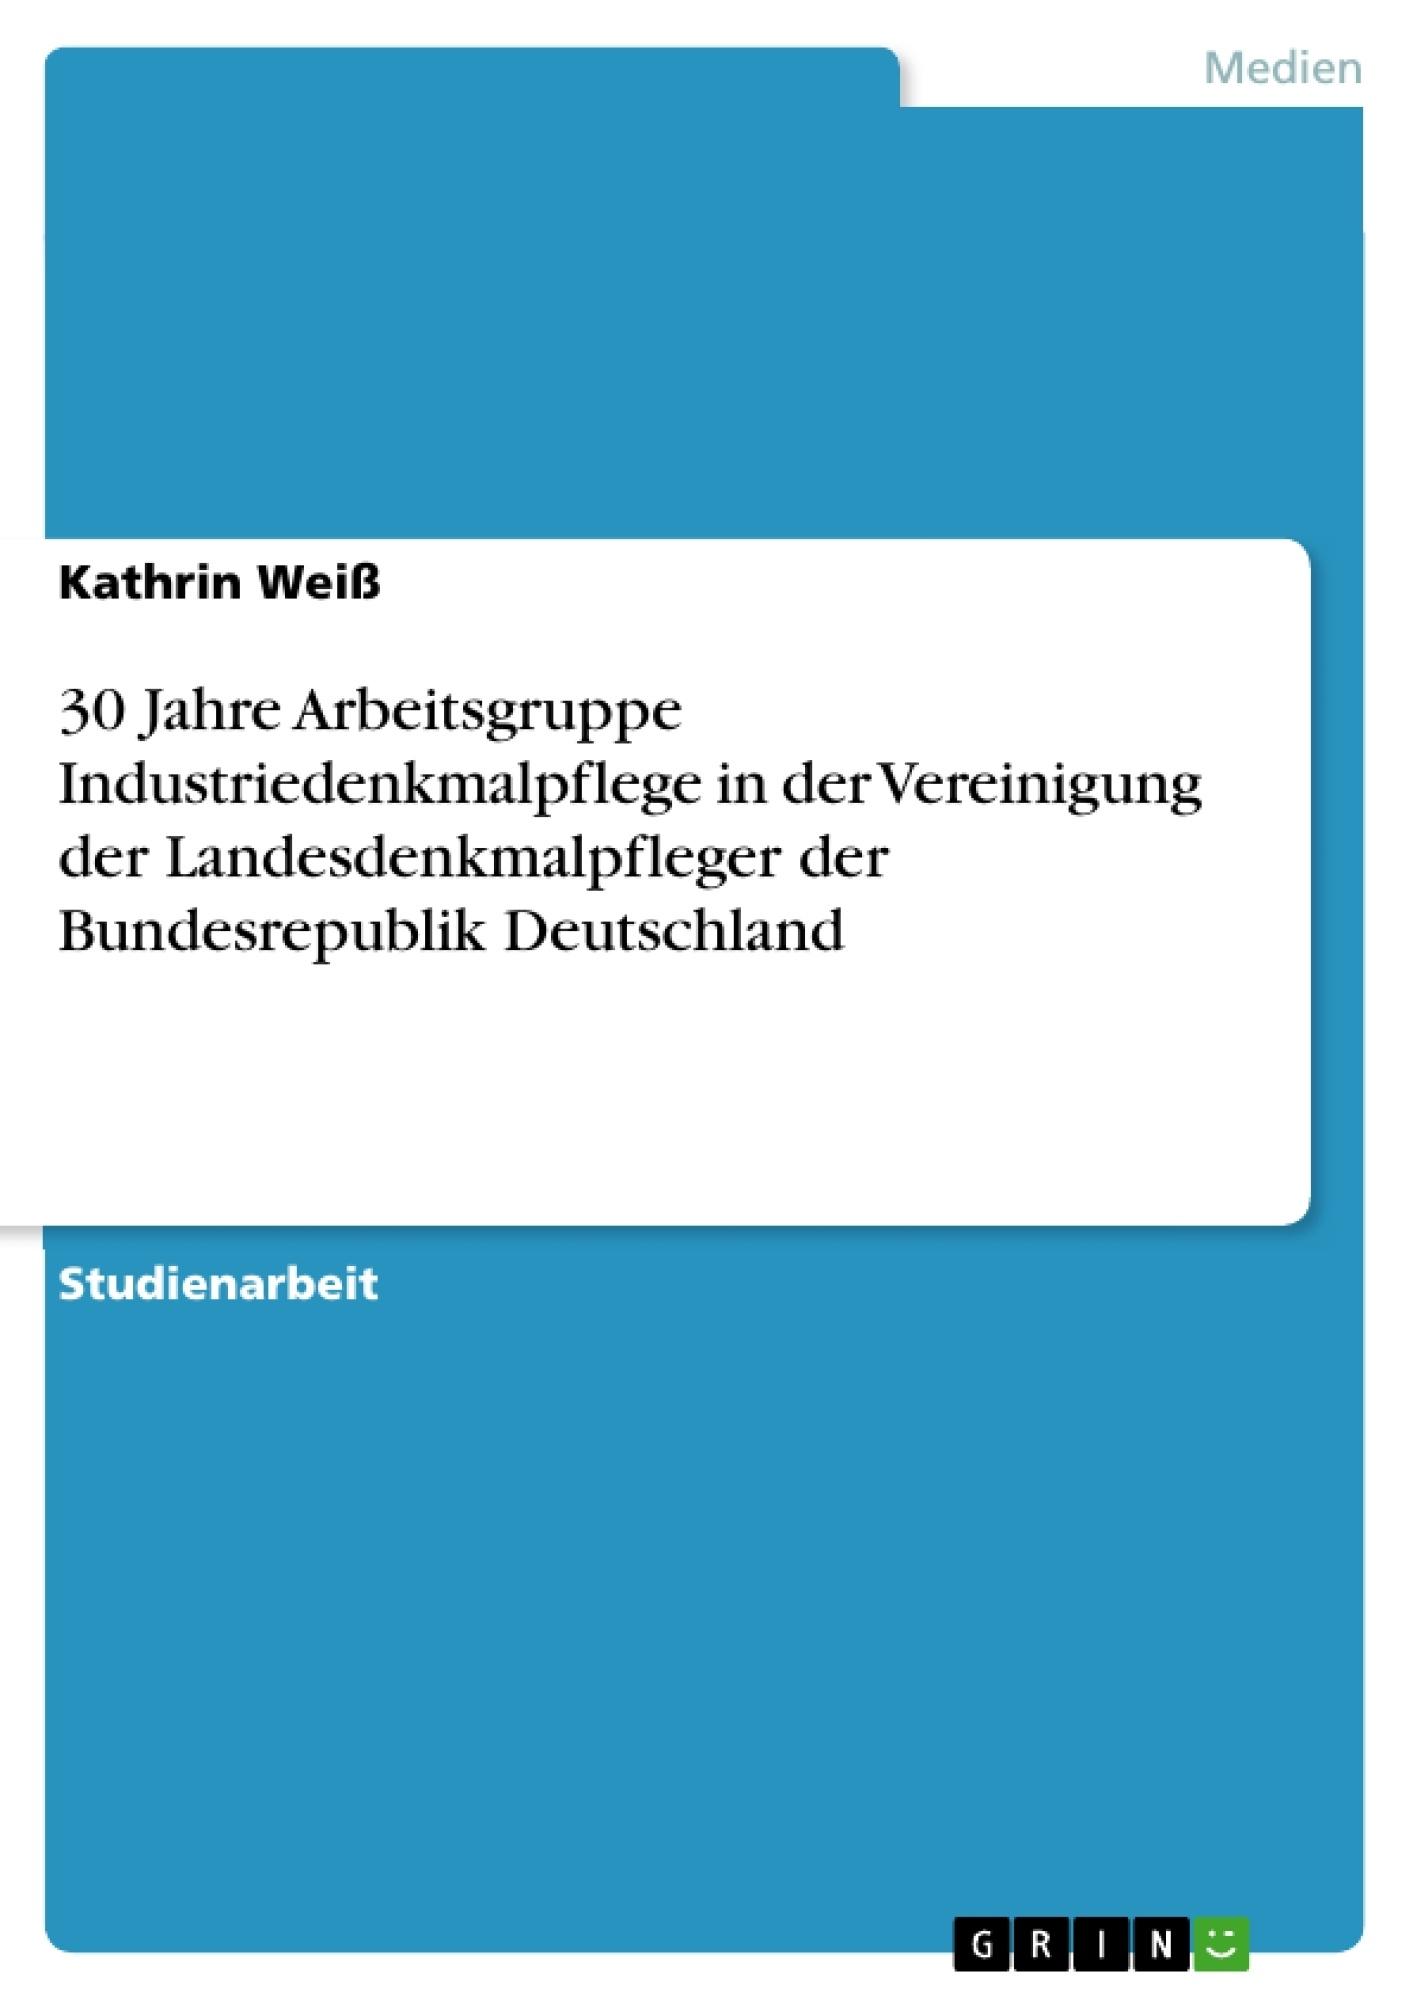 Titel: 30 Jahre Arbeitsgruppe Industriedenkmalpflege in der Vereinigung der Landesdenkmalpfleger der Bundesrepublik Deutschland